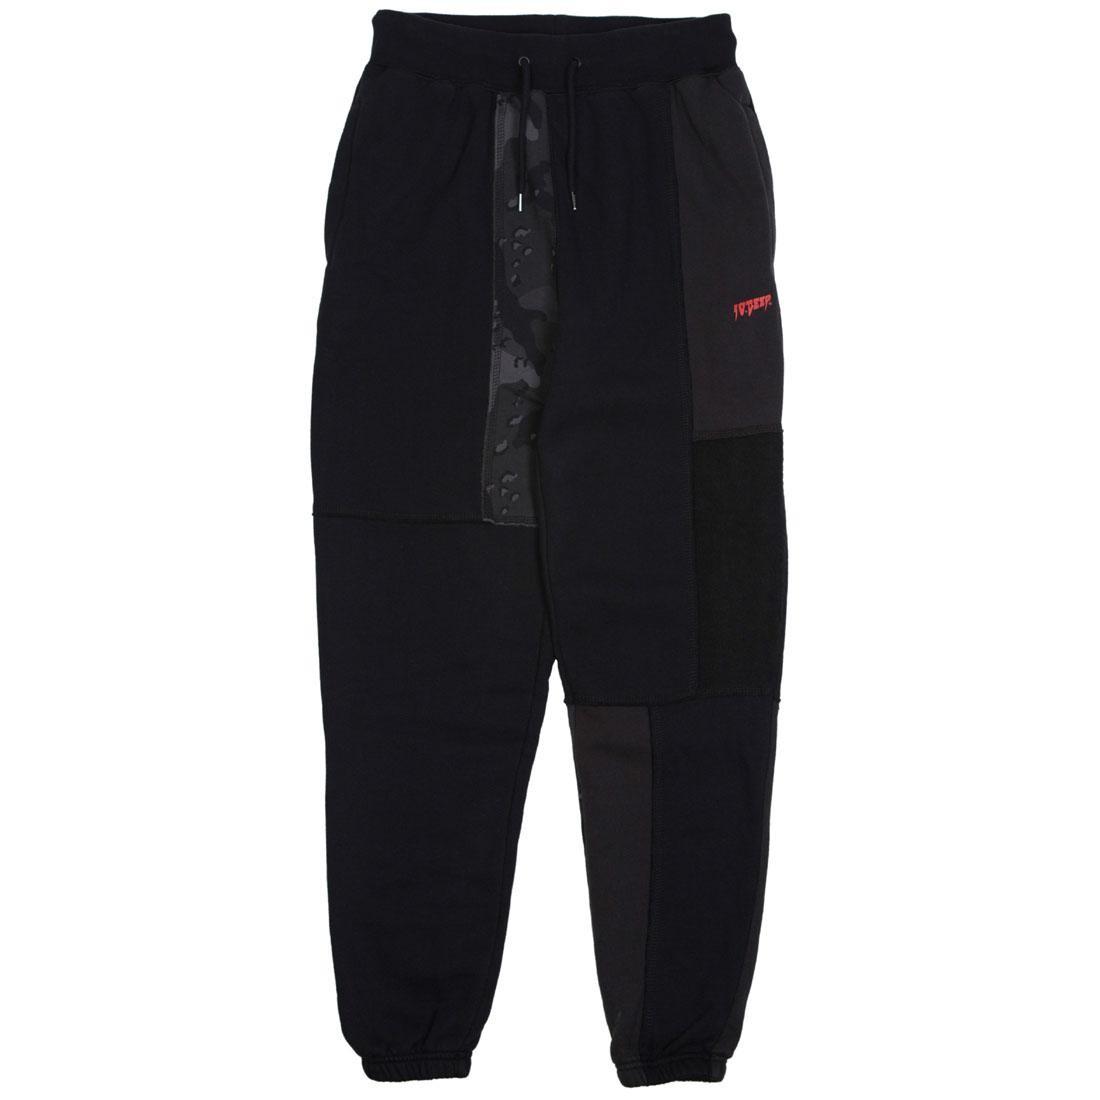 ディープ 【 10 DEEP MEN UNIFICATION SWEATPANTS BLACK 】 メンズファッション ズボン パンツ 送料無料